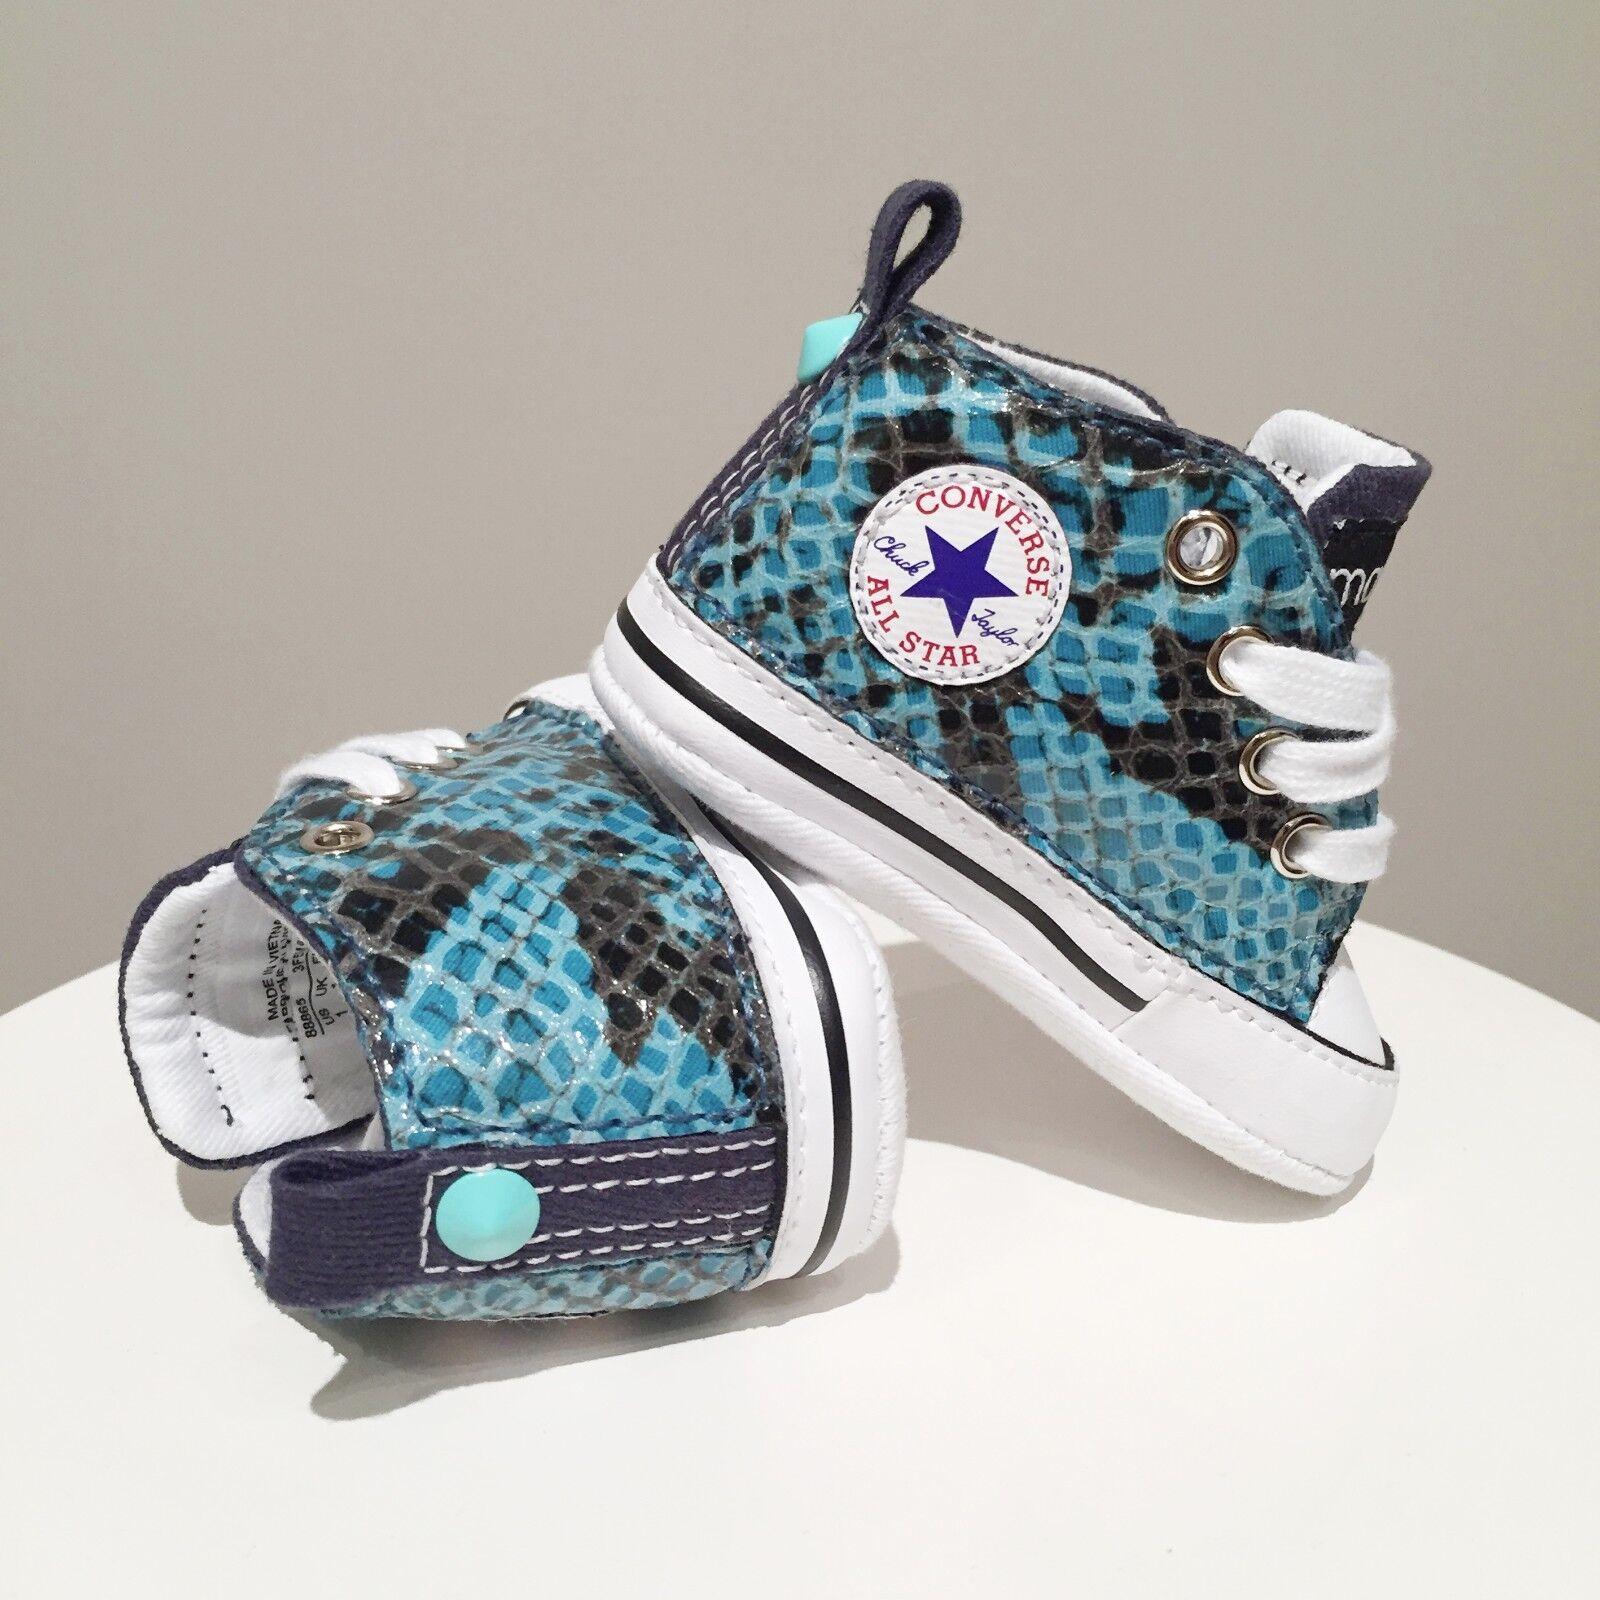 Converse All Star Blu Baby Blu Personalizzate Serpente Blu Star e Borchie c63cd9